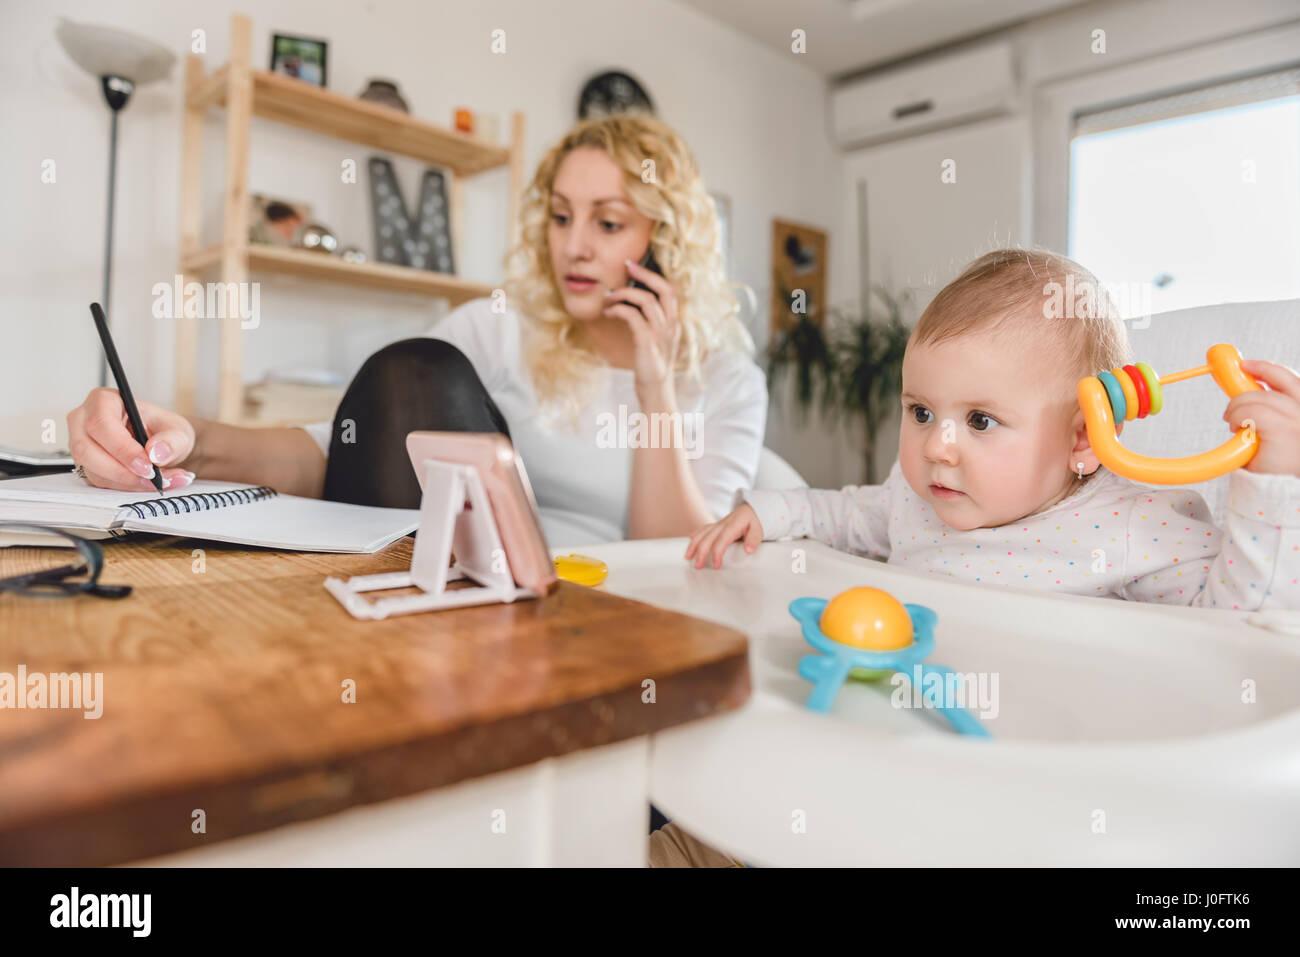 Aufgeregt Baby beobachten Smartphone während Mutter am Smartphone sprechen und schreiben, Notizen zu Hause Stockbild